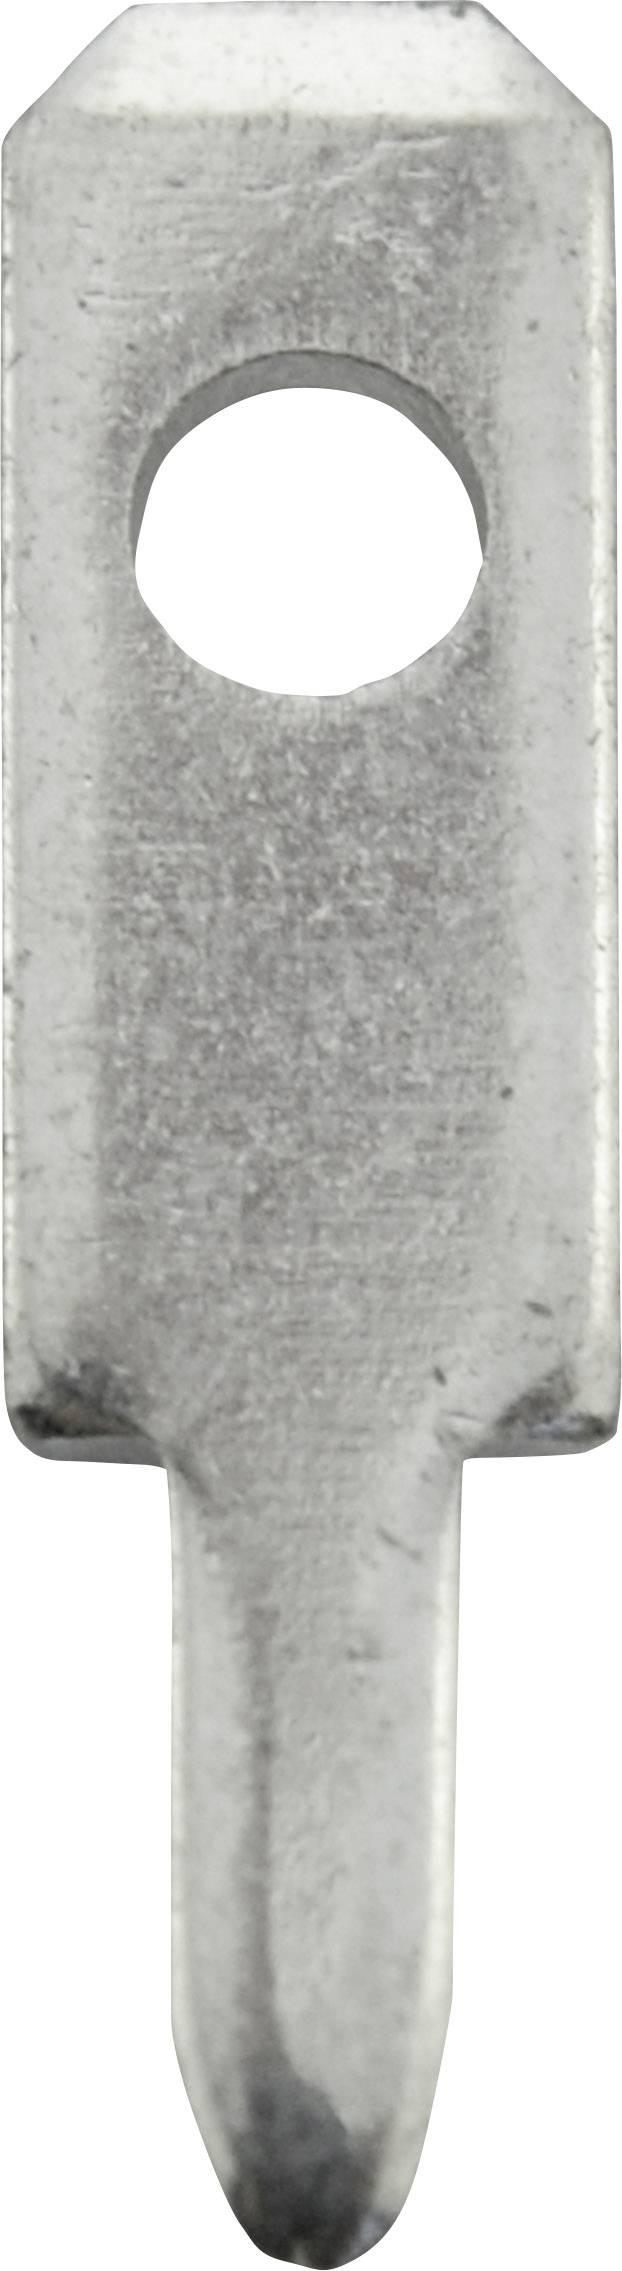 Jazýčkový konektor neizol. Vogt 378008,68, 0,8 mm, 180 ° , 1,0 mm, 100 ks, kov